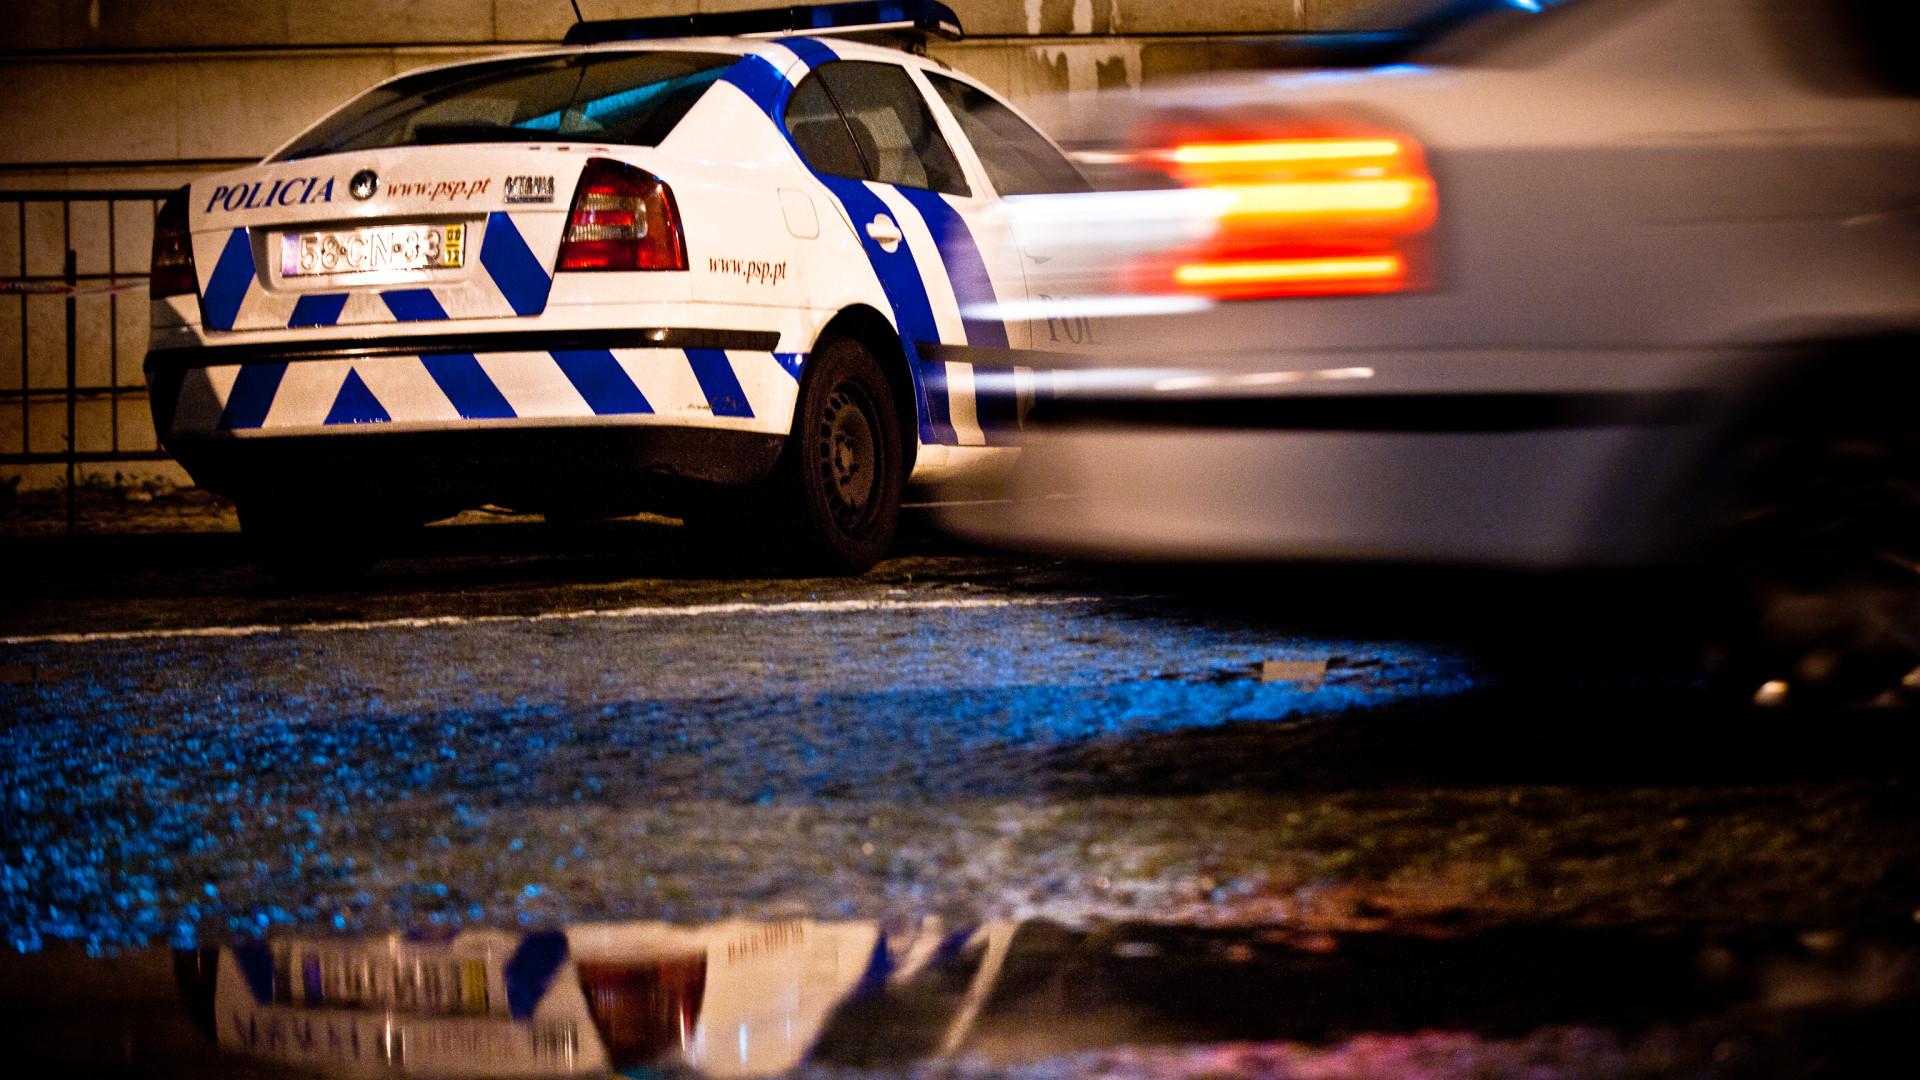 Operação da PSP leva à detenção de 3 jovens e a fecho provisório de bares